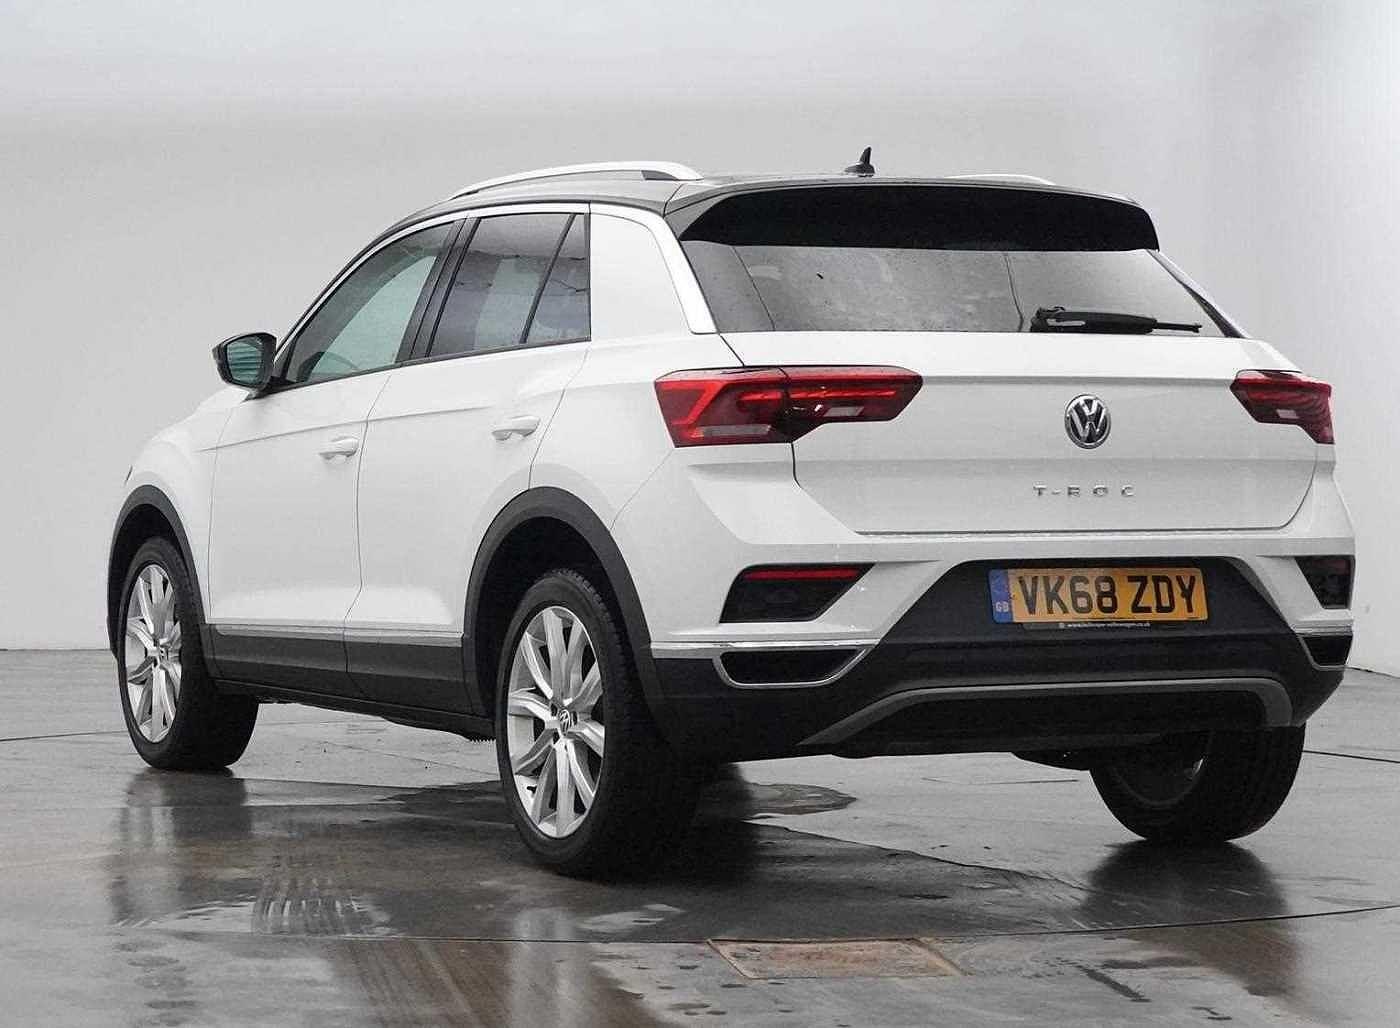 Volkswagen T-ROC for sale